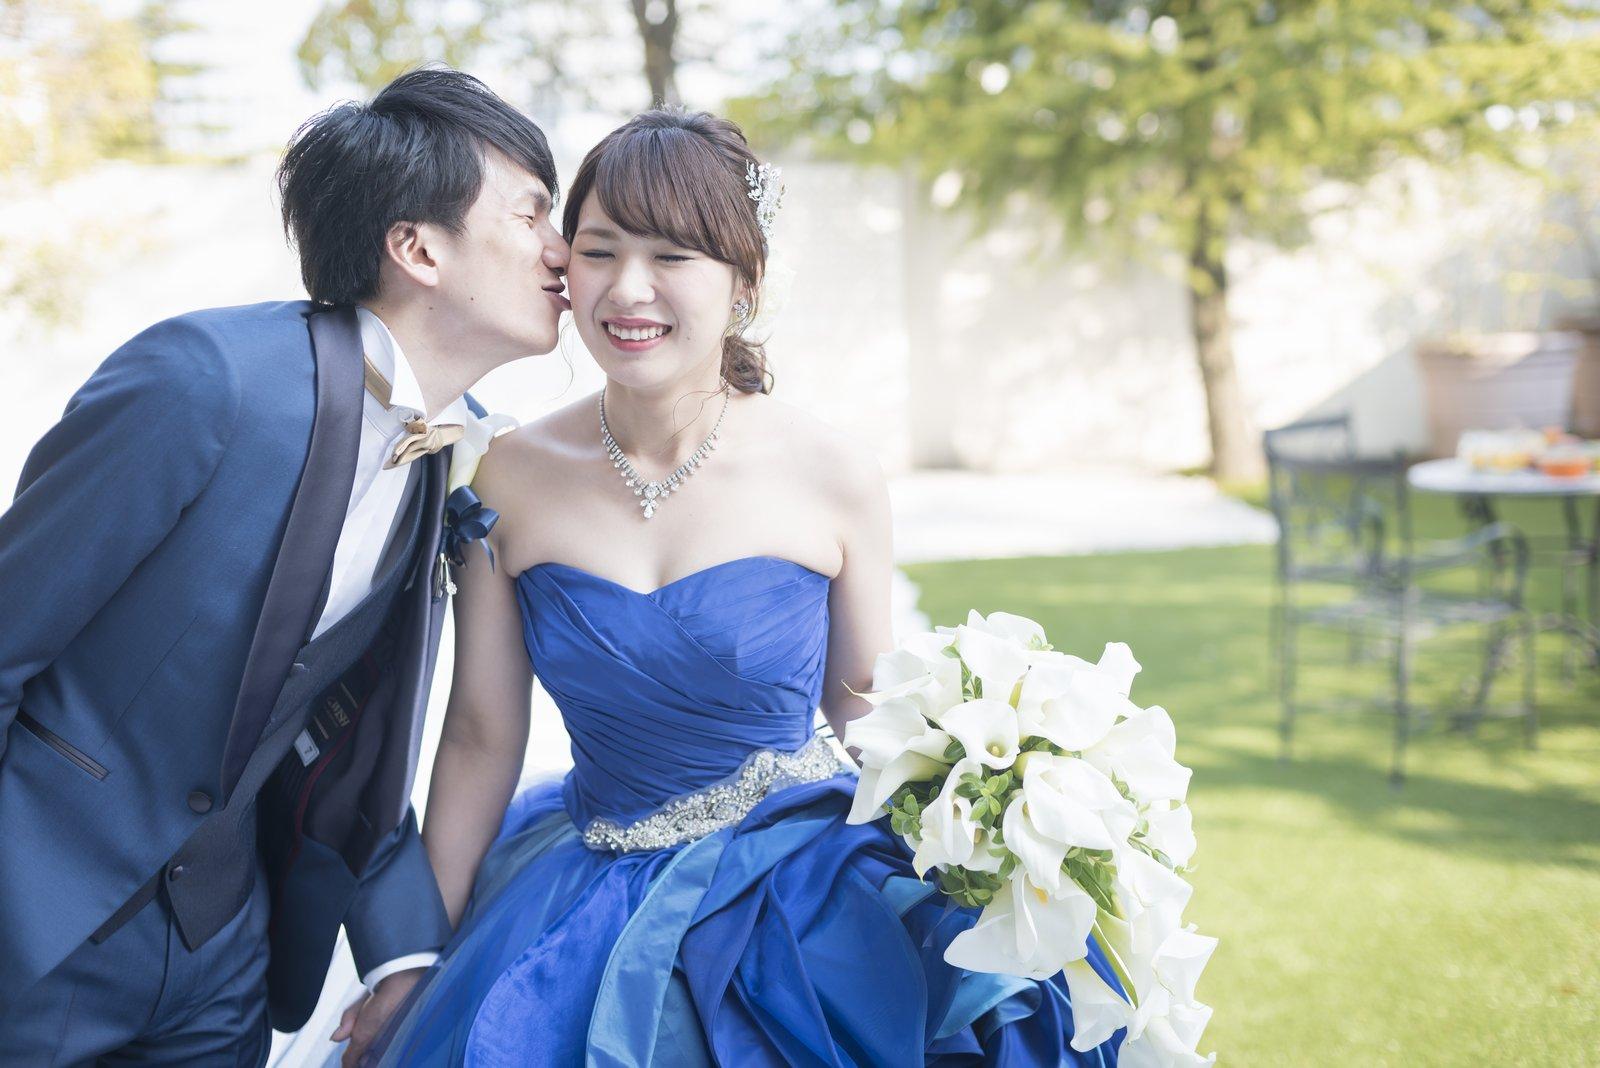 香川の結婚式場のシェルエメール&アイスタイルの青いドレス